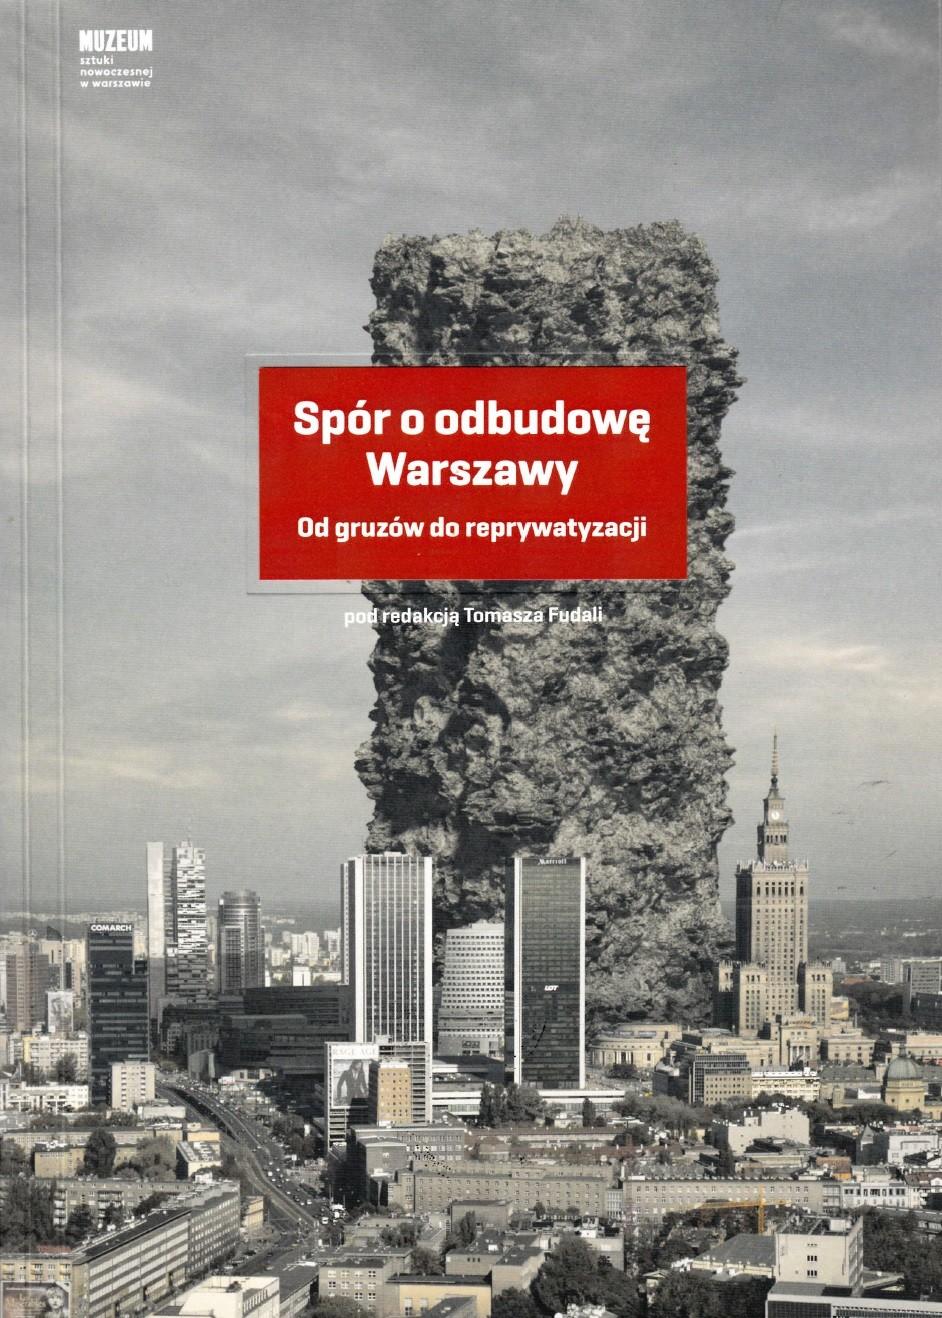 Spór o odbudowę Warszawy Od gruzów do reprywatyzacji (red. T.Fudala)